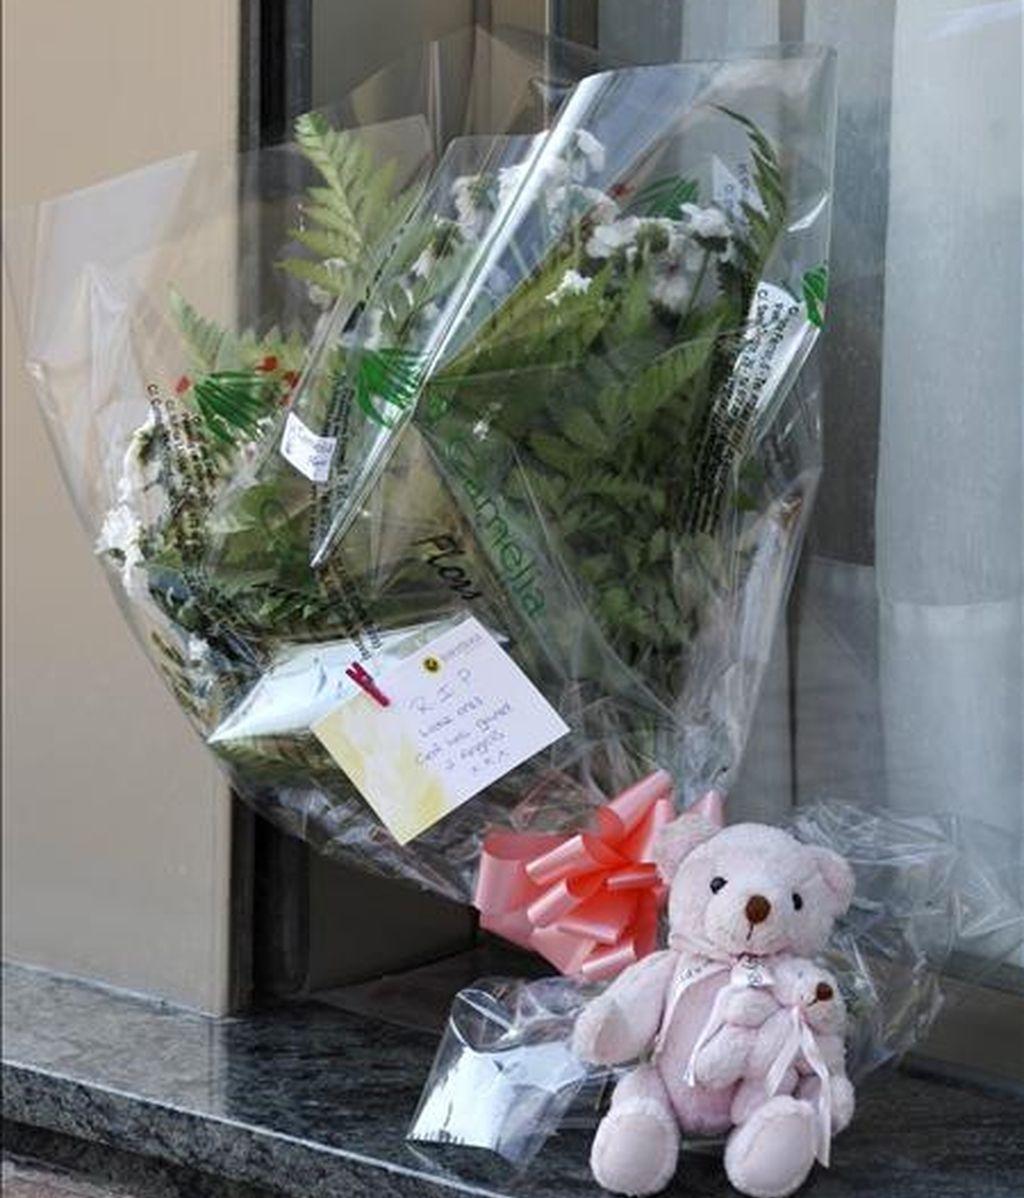 Flores y un peluche dejados ante la puerta del hotel Miramar de Lloret de Mar( Girona), donde ayer fueron asesinados dos menores presuntamente por su madre en Lloret de Mar (Girona), que al parecer eran hijos del pederasta británico más buscado, Martin Anthony S., que supuestamente había abusado sexualmente de una hija que la parricida había tenido de una relación anterior. EFE